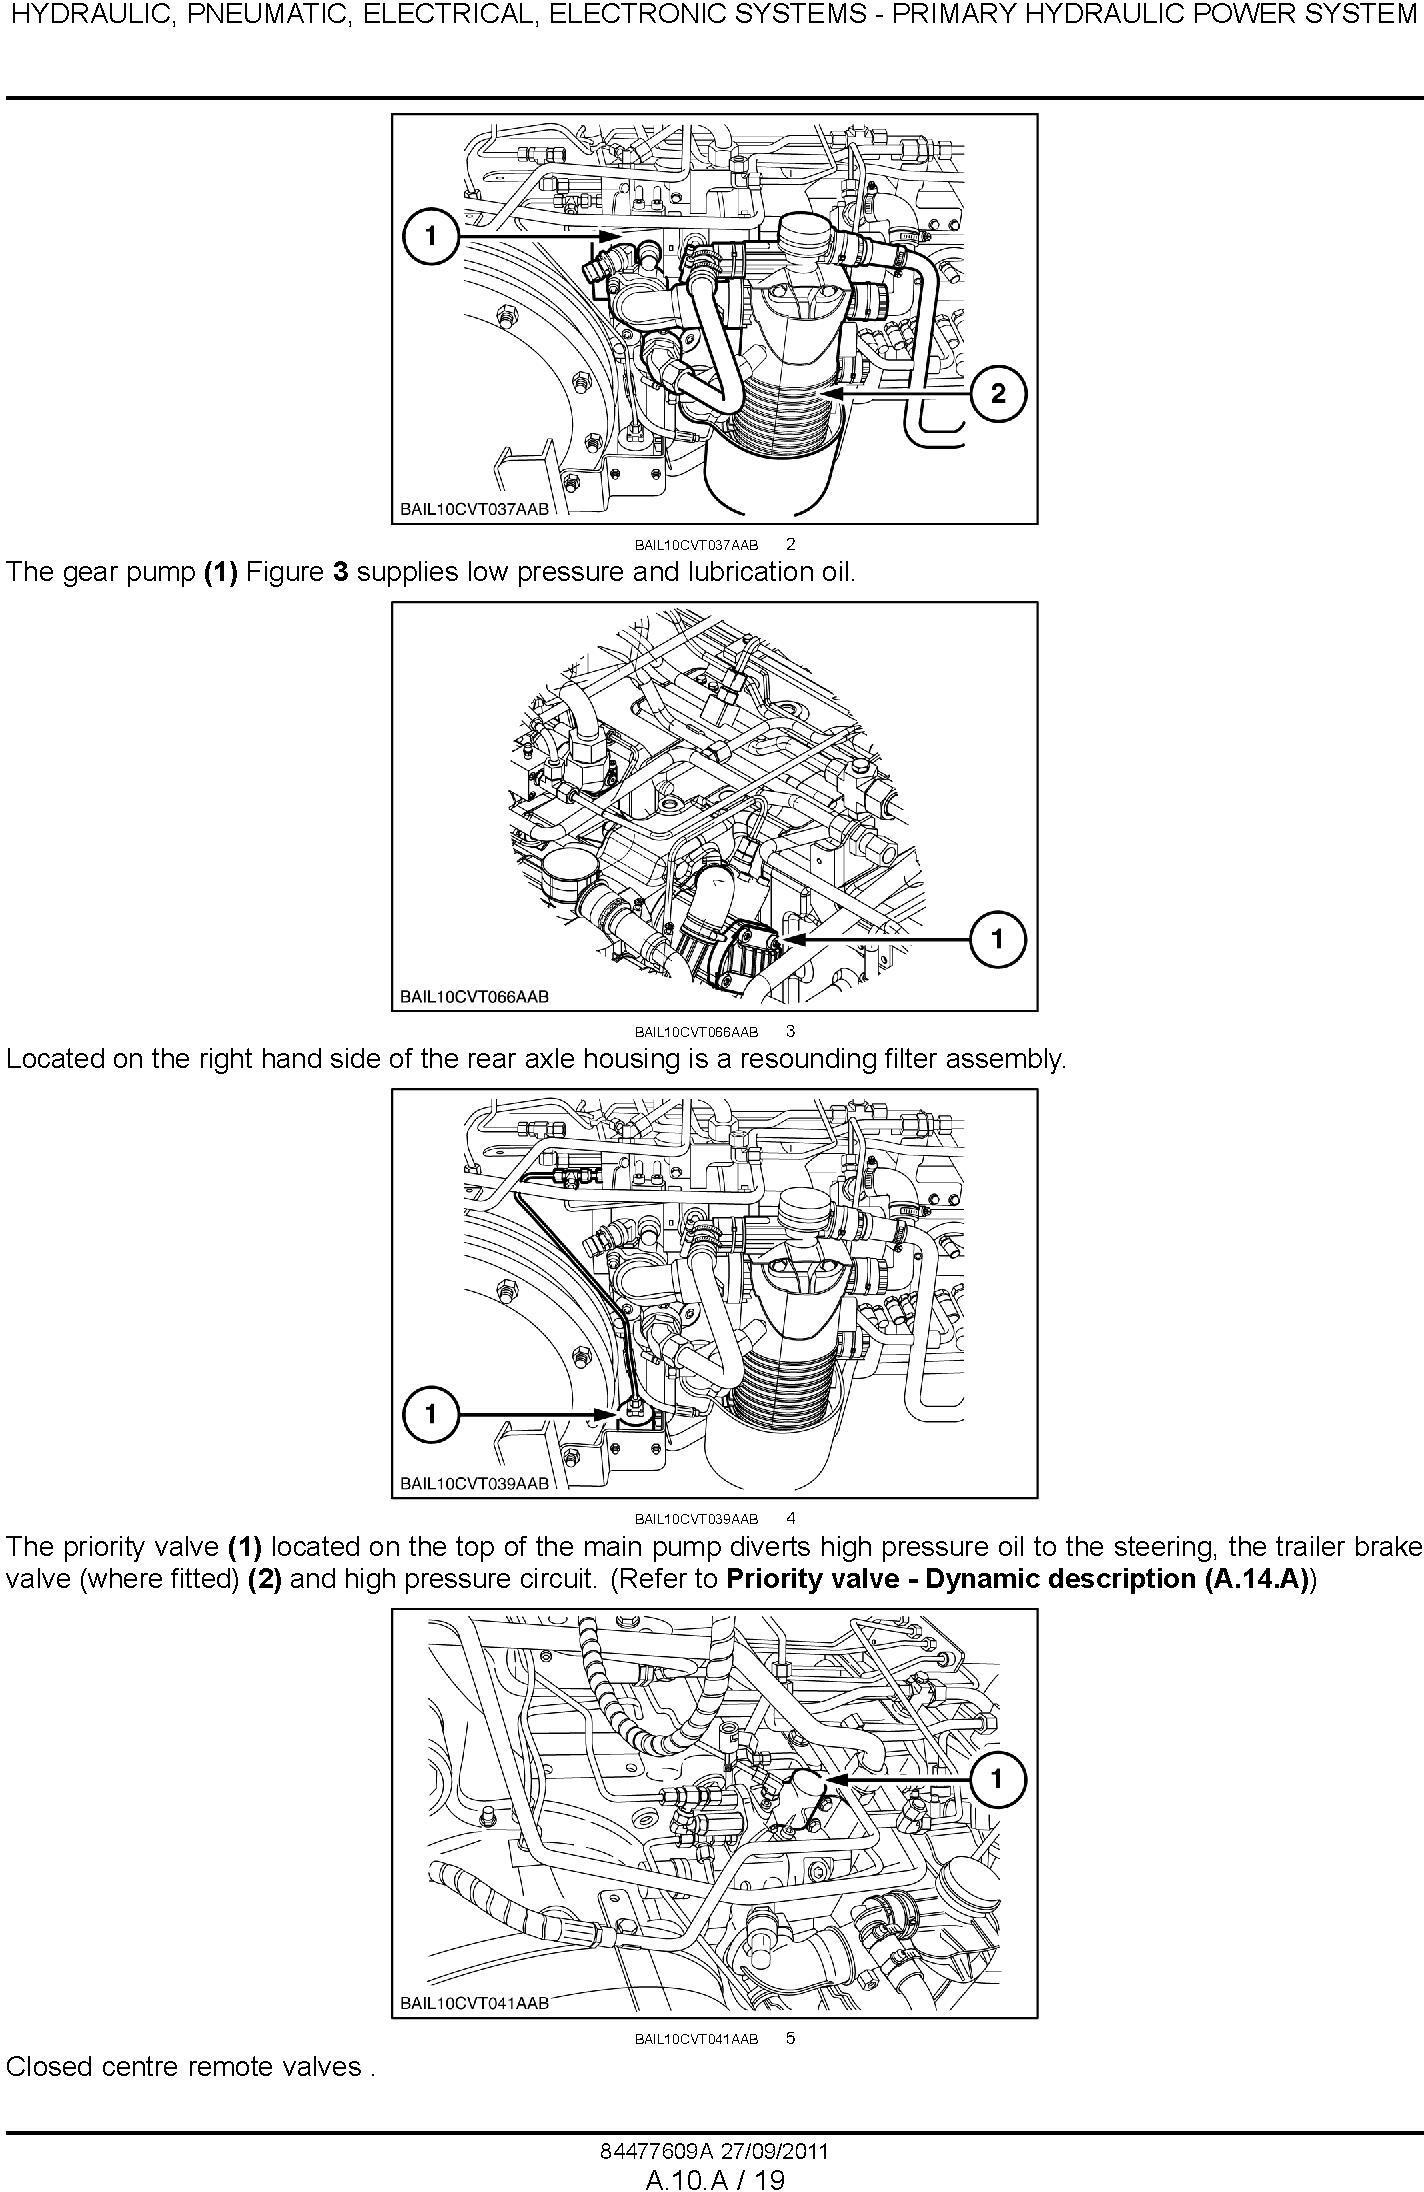 New Holland T7.170, T7.185, T7.200, T7.210 Tractors Service Manual - 3